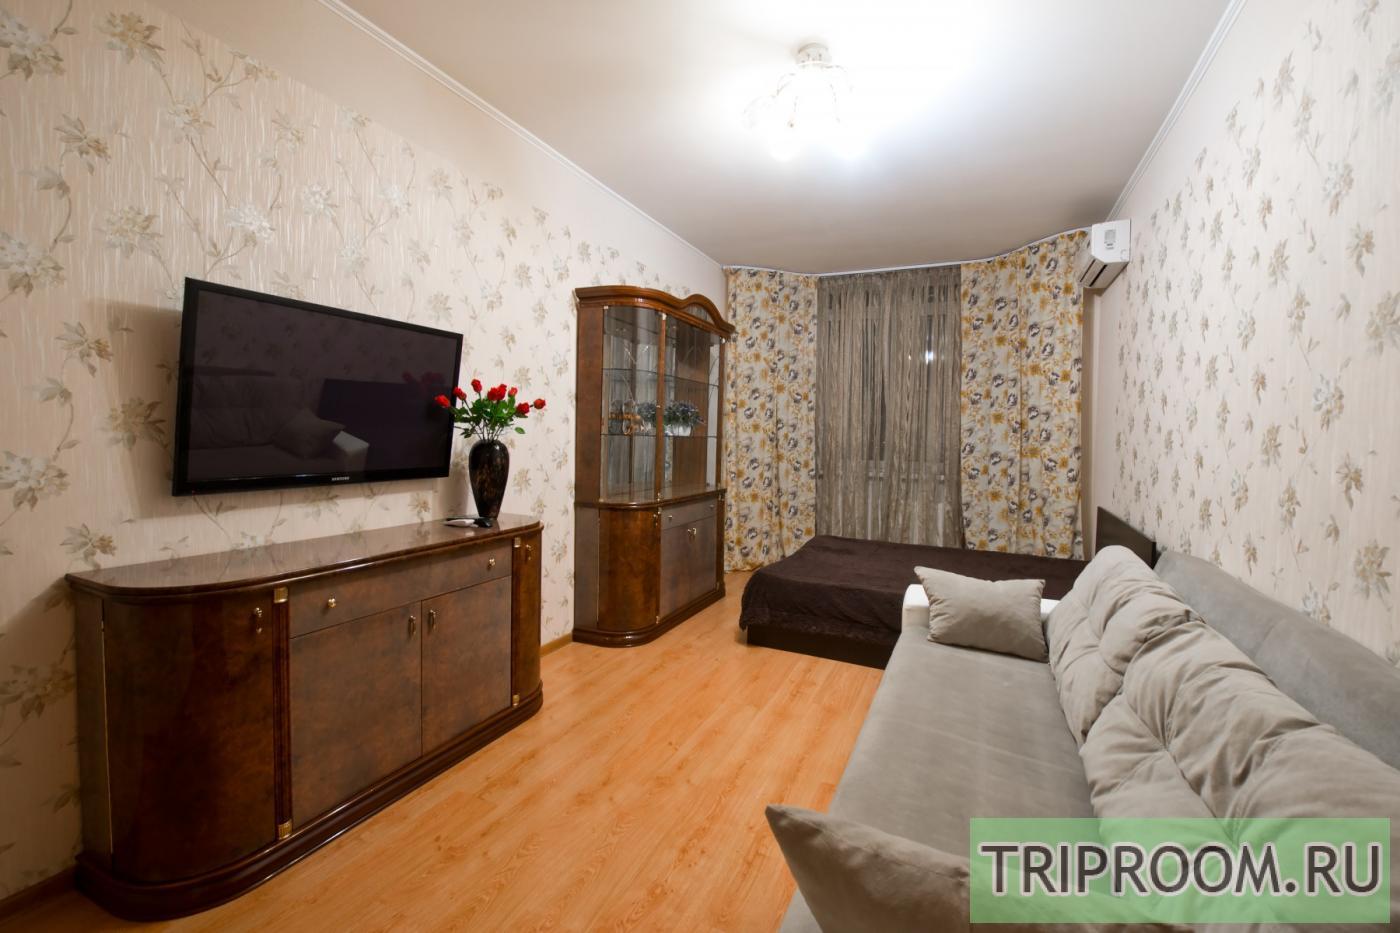 Снять 3 квартиру в краснодаре посуточно